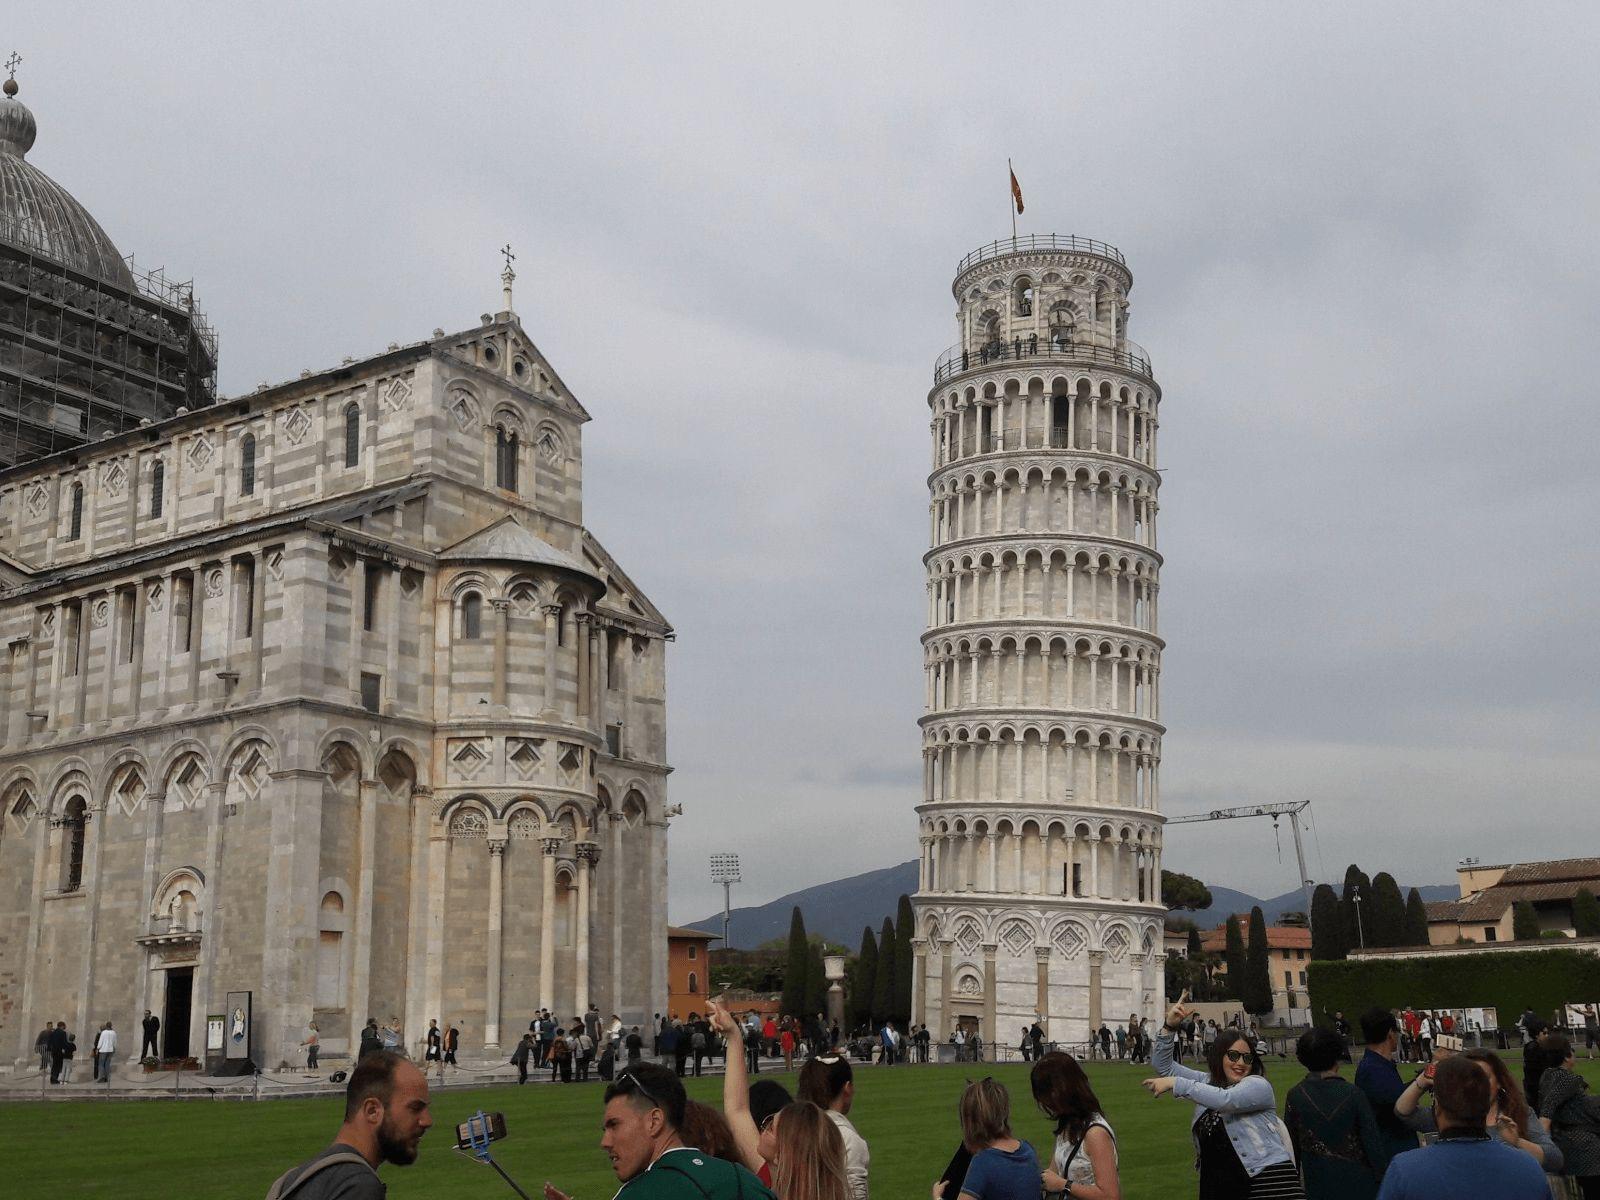 Italija top tour: Pisa: Kosi toranj